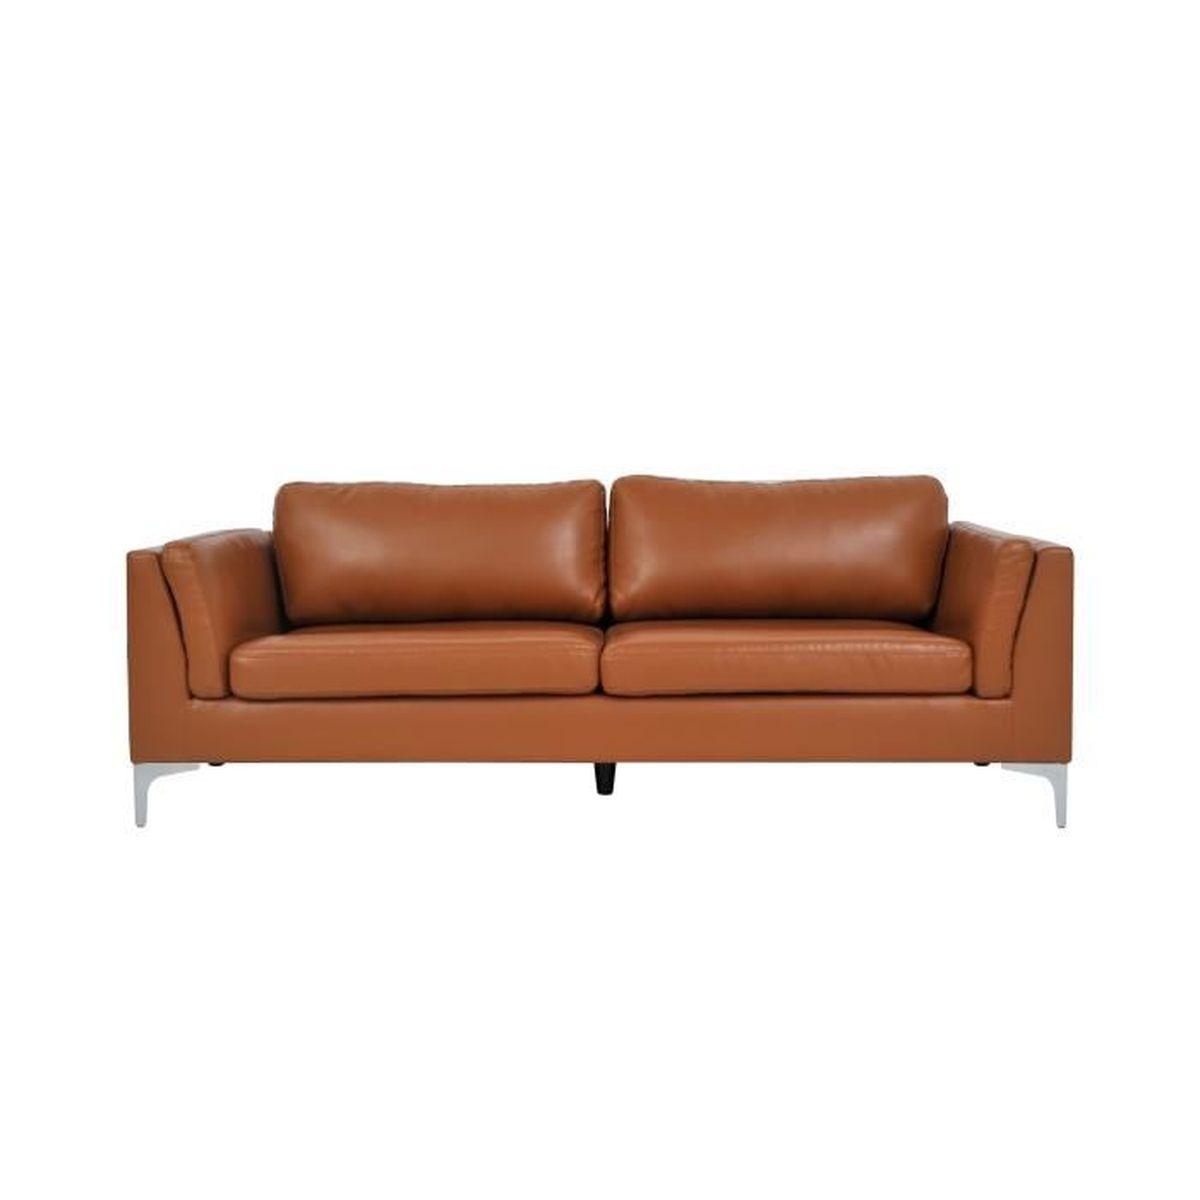 Changer La Couleur D Un Canapé En Cuir canapé 3 places en cuir synthétique couleur camel - achat